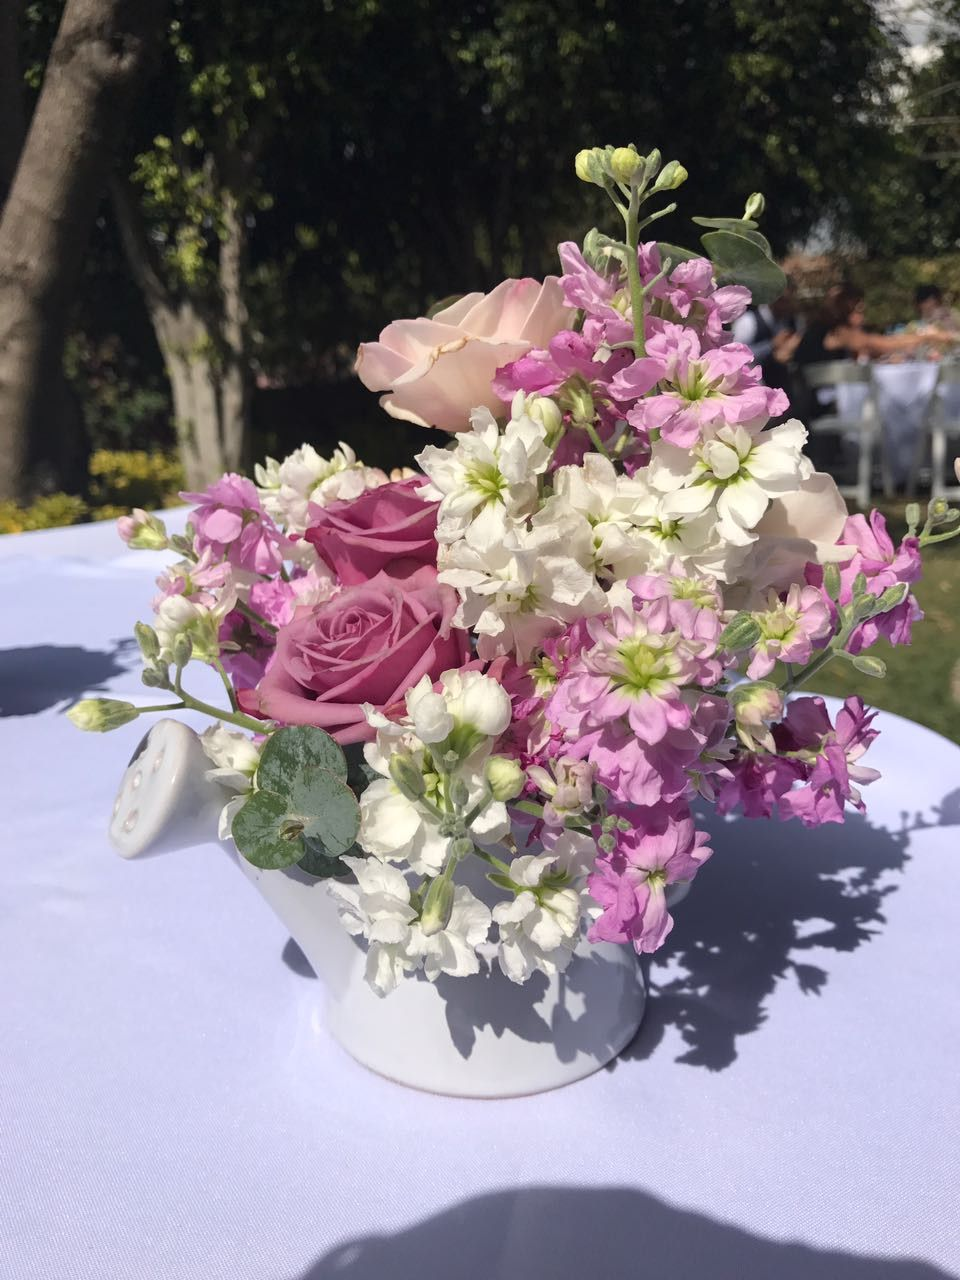 Jarrita de ceramica blanca con flores en tonos rosas